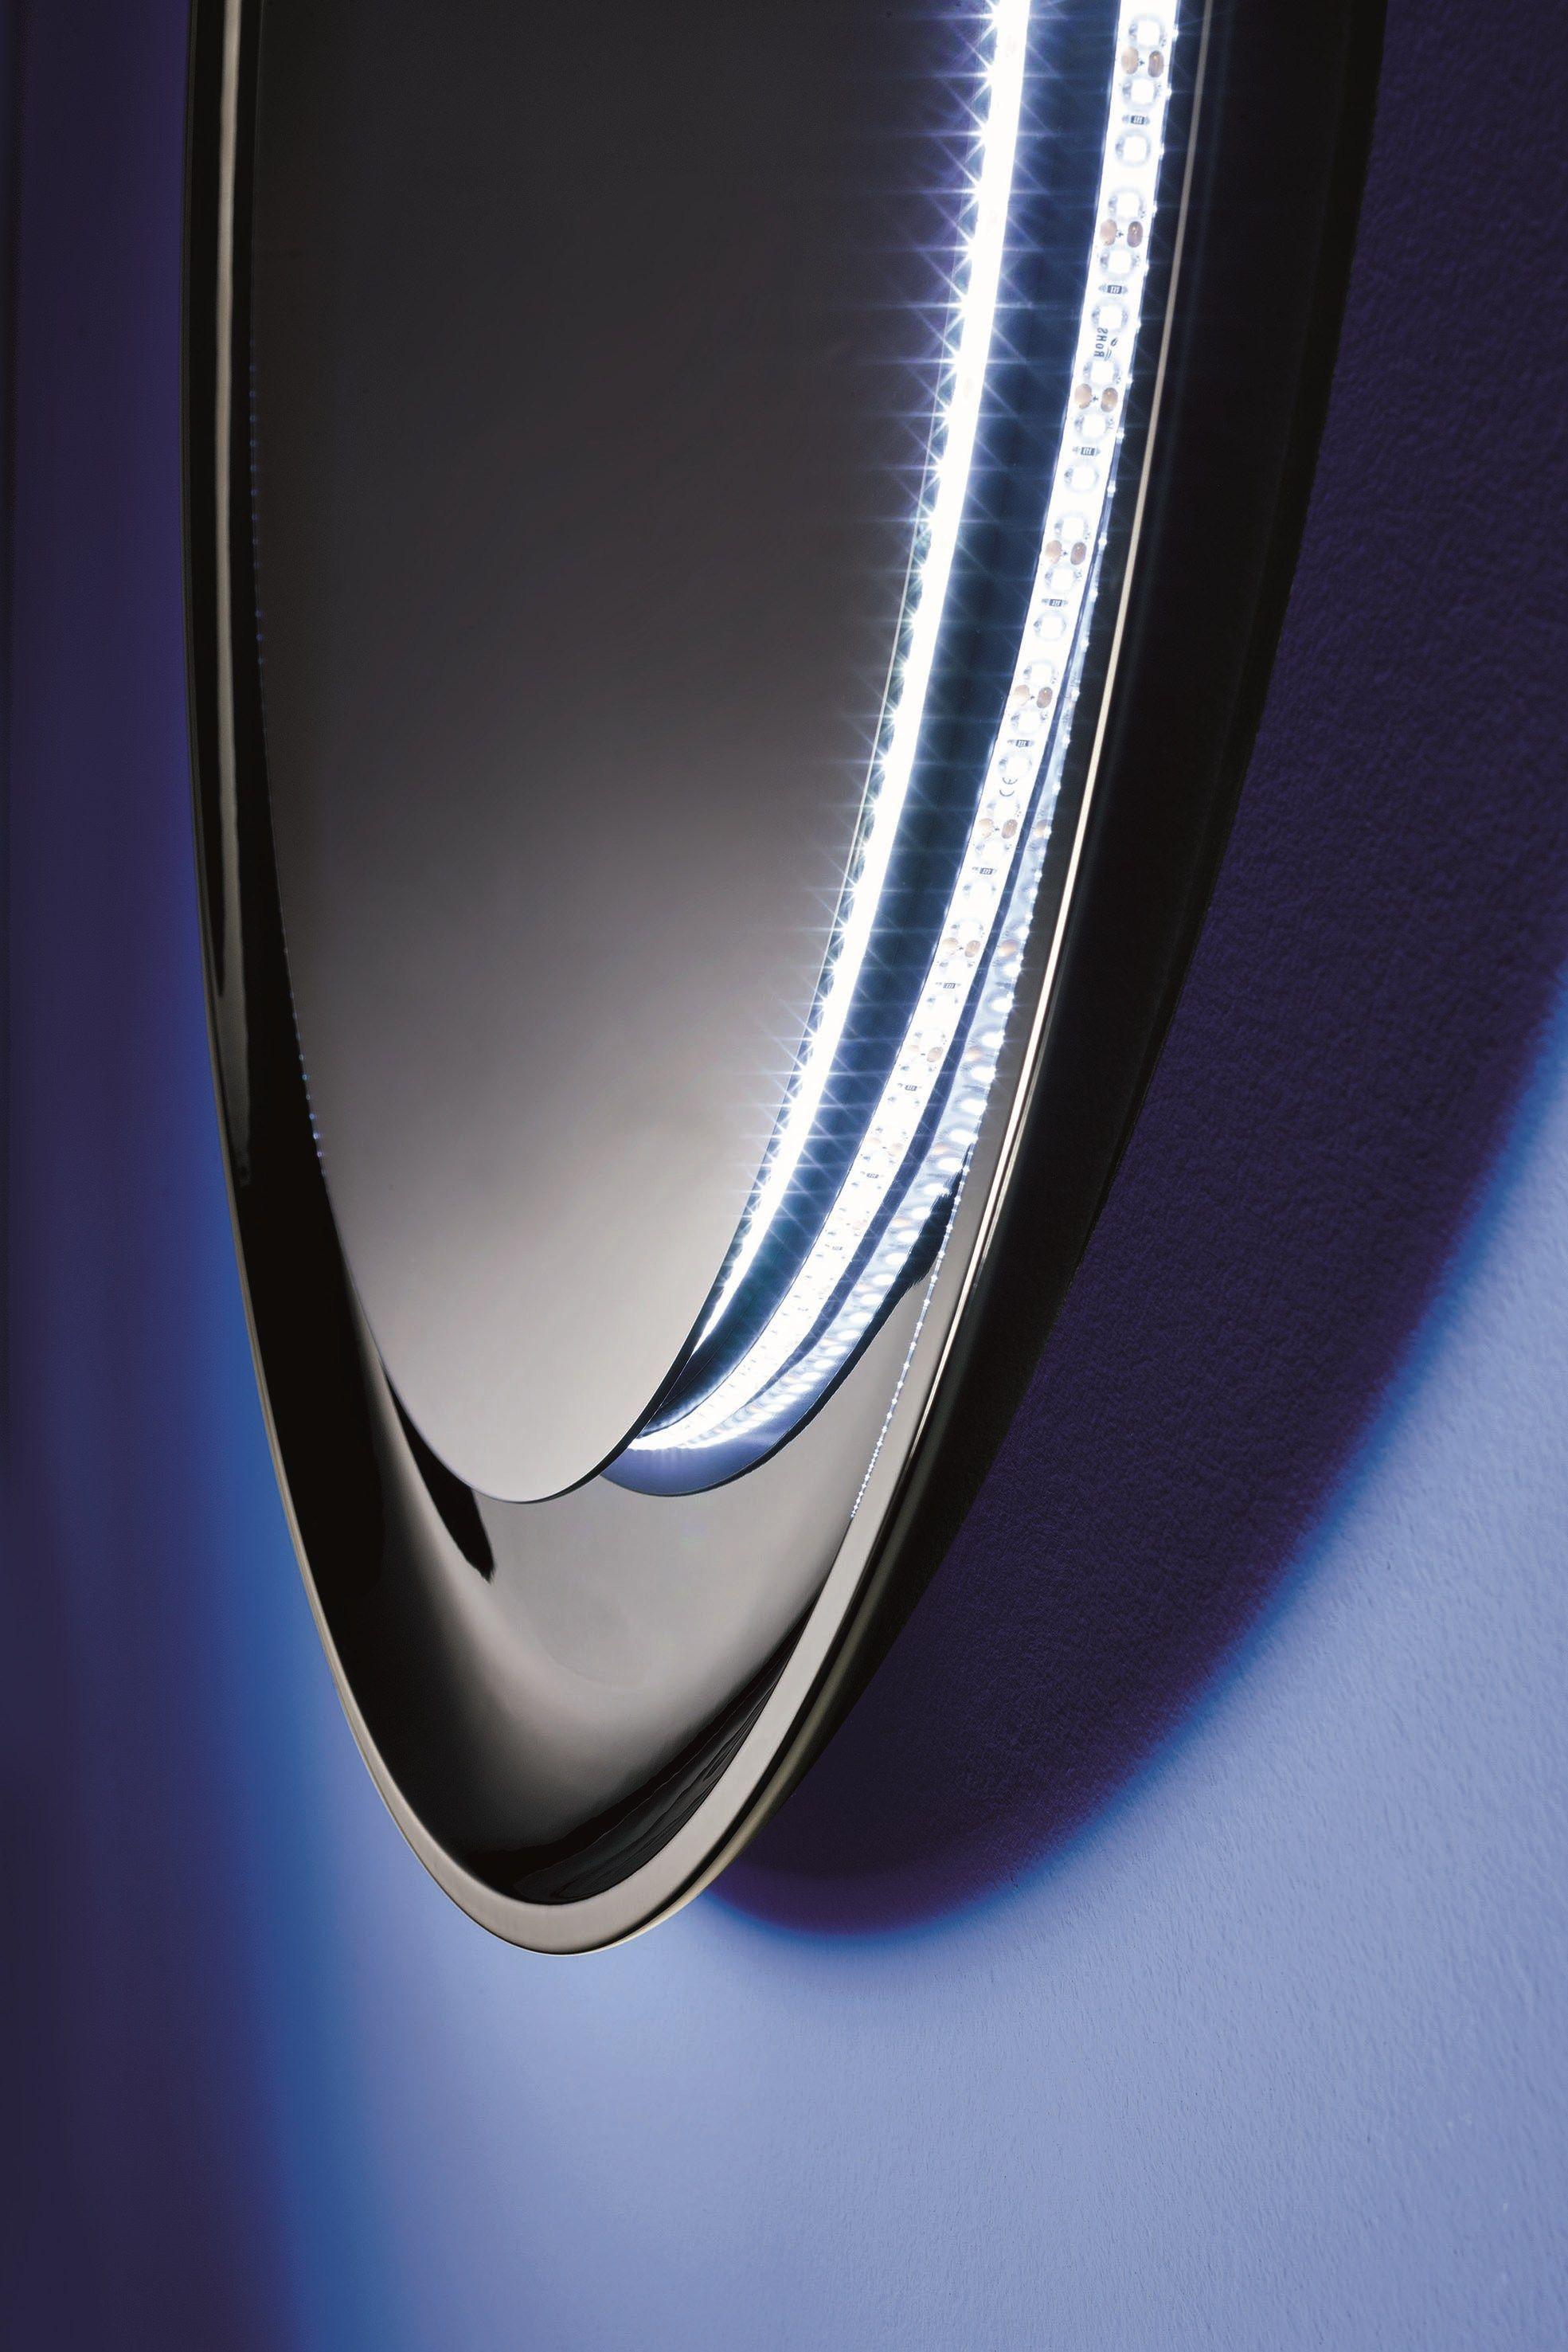 Arredo bagno completo moon 05 by cerasa design marco poletti for Cerasa arredo bagno